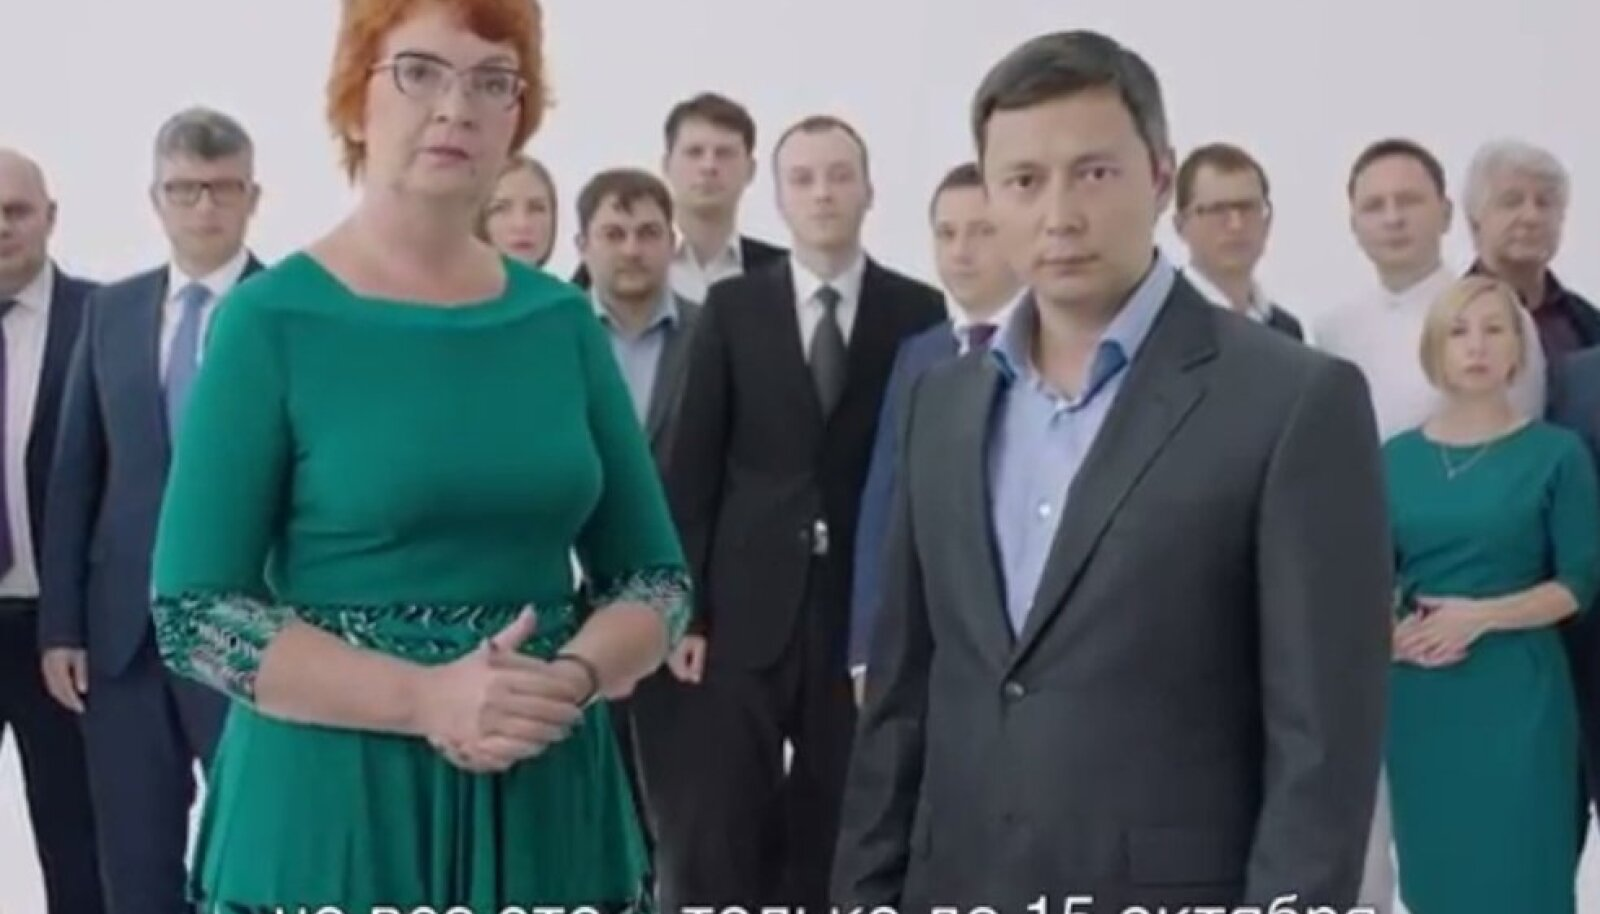 Keskerakonna venekeelne reklaam